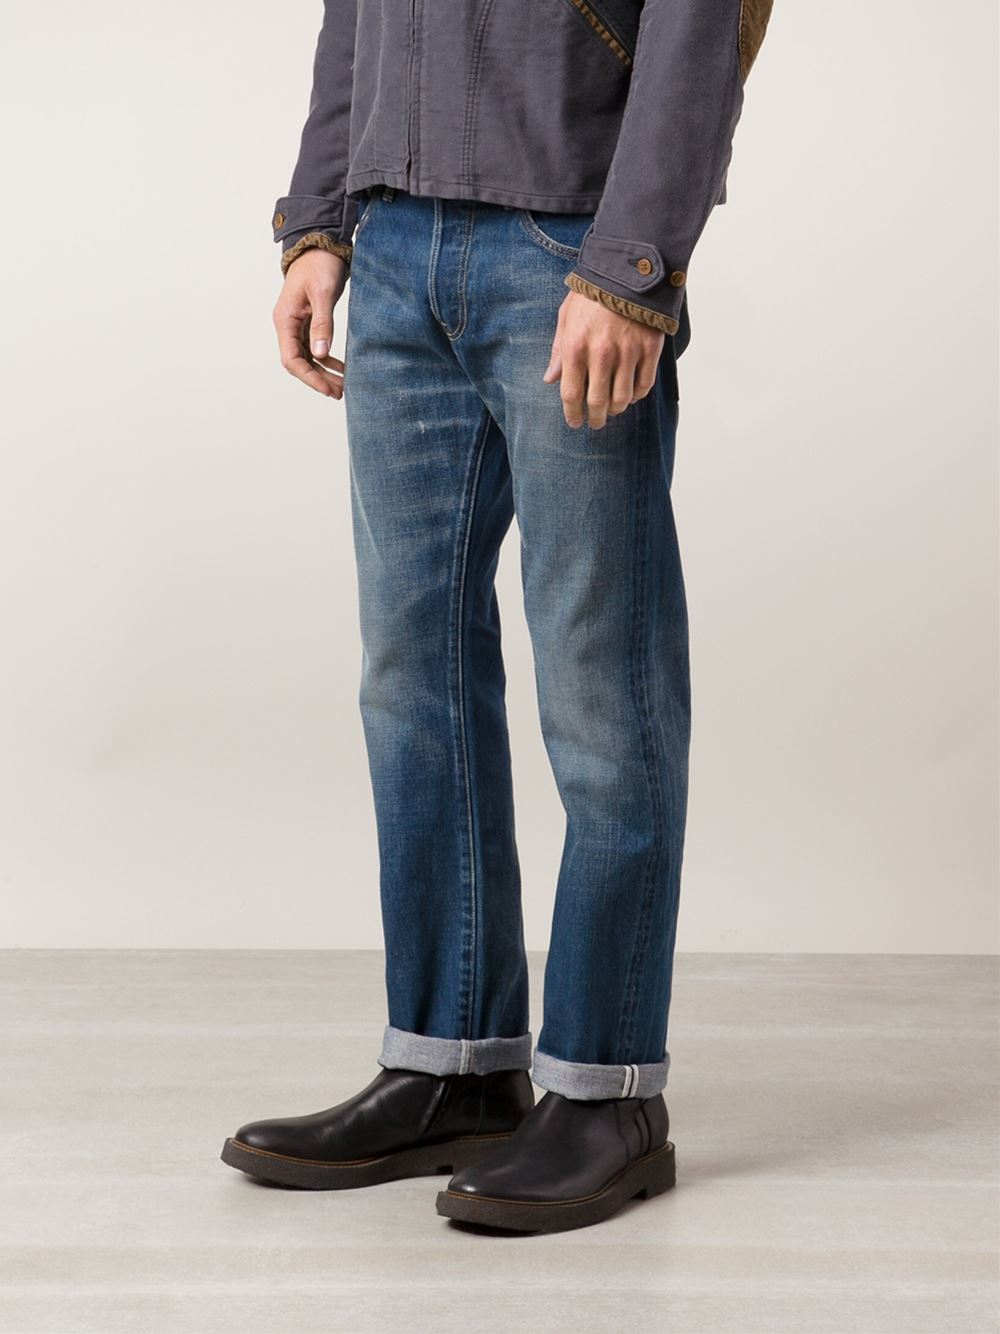 Sculpture Sociale 10 Jeans En Difficulté Visvim 8awpgT5qn